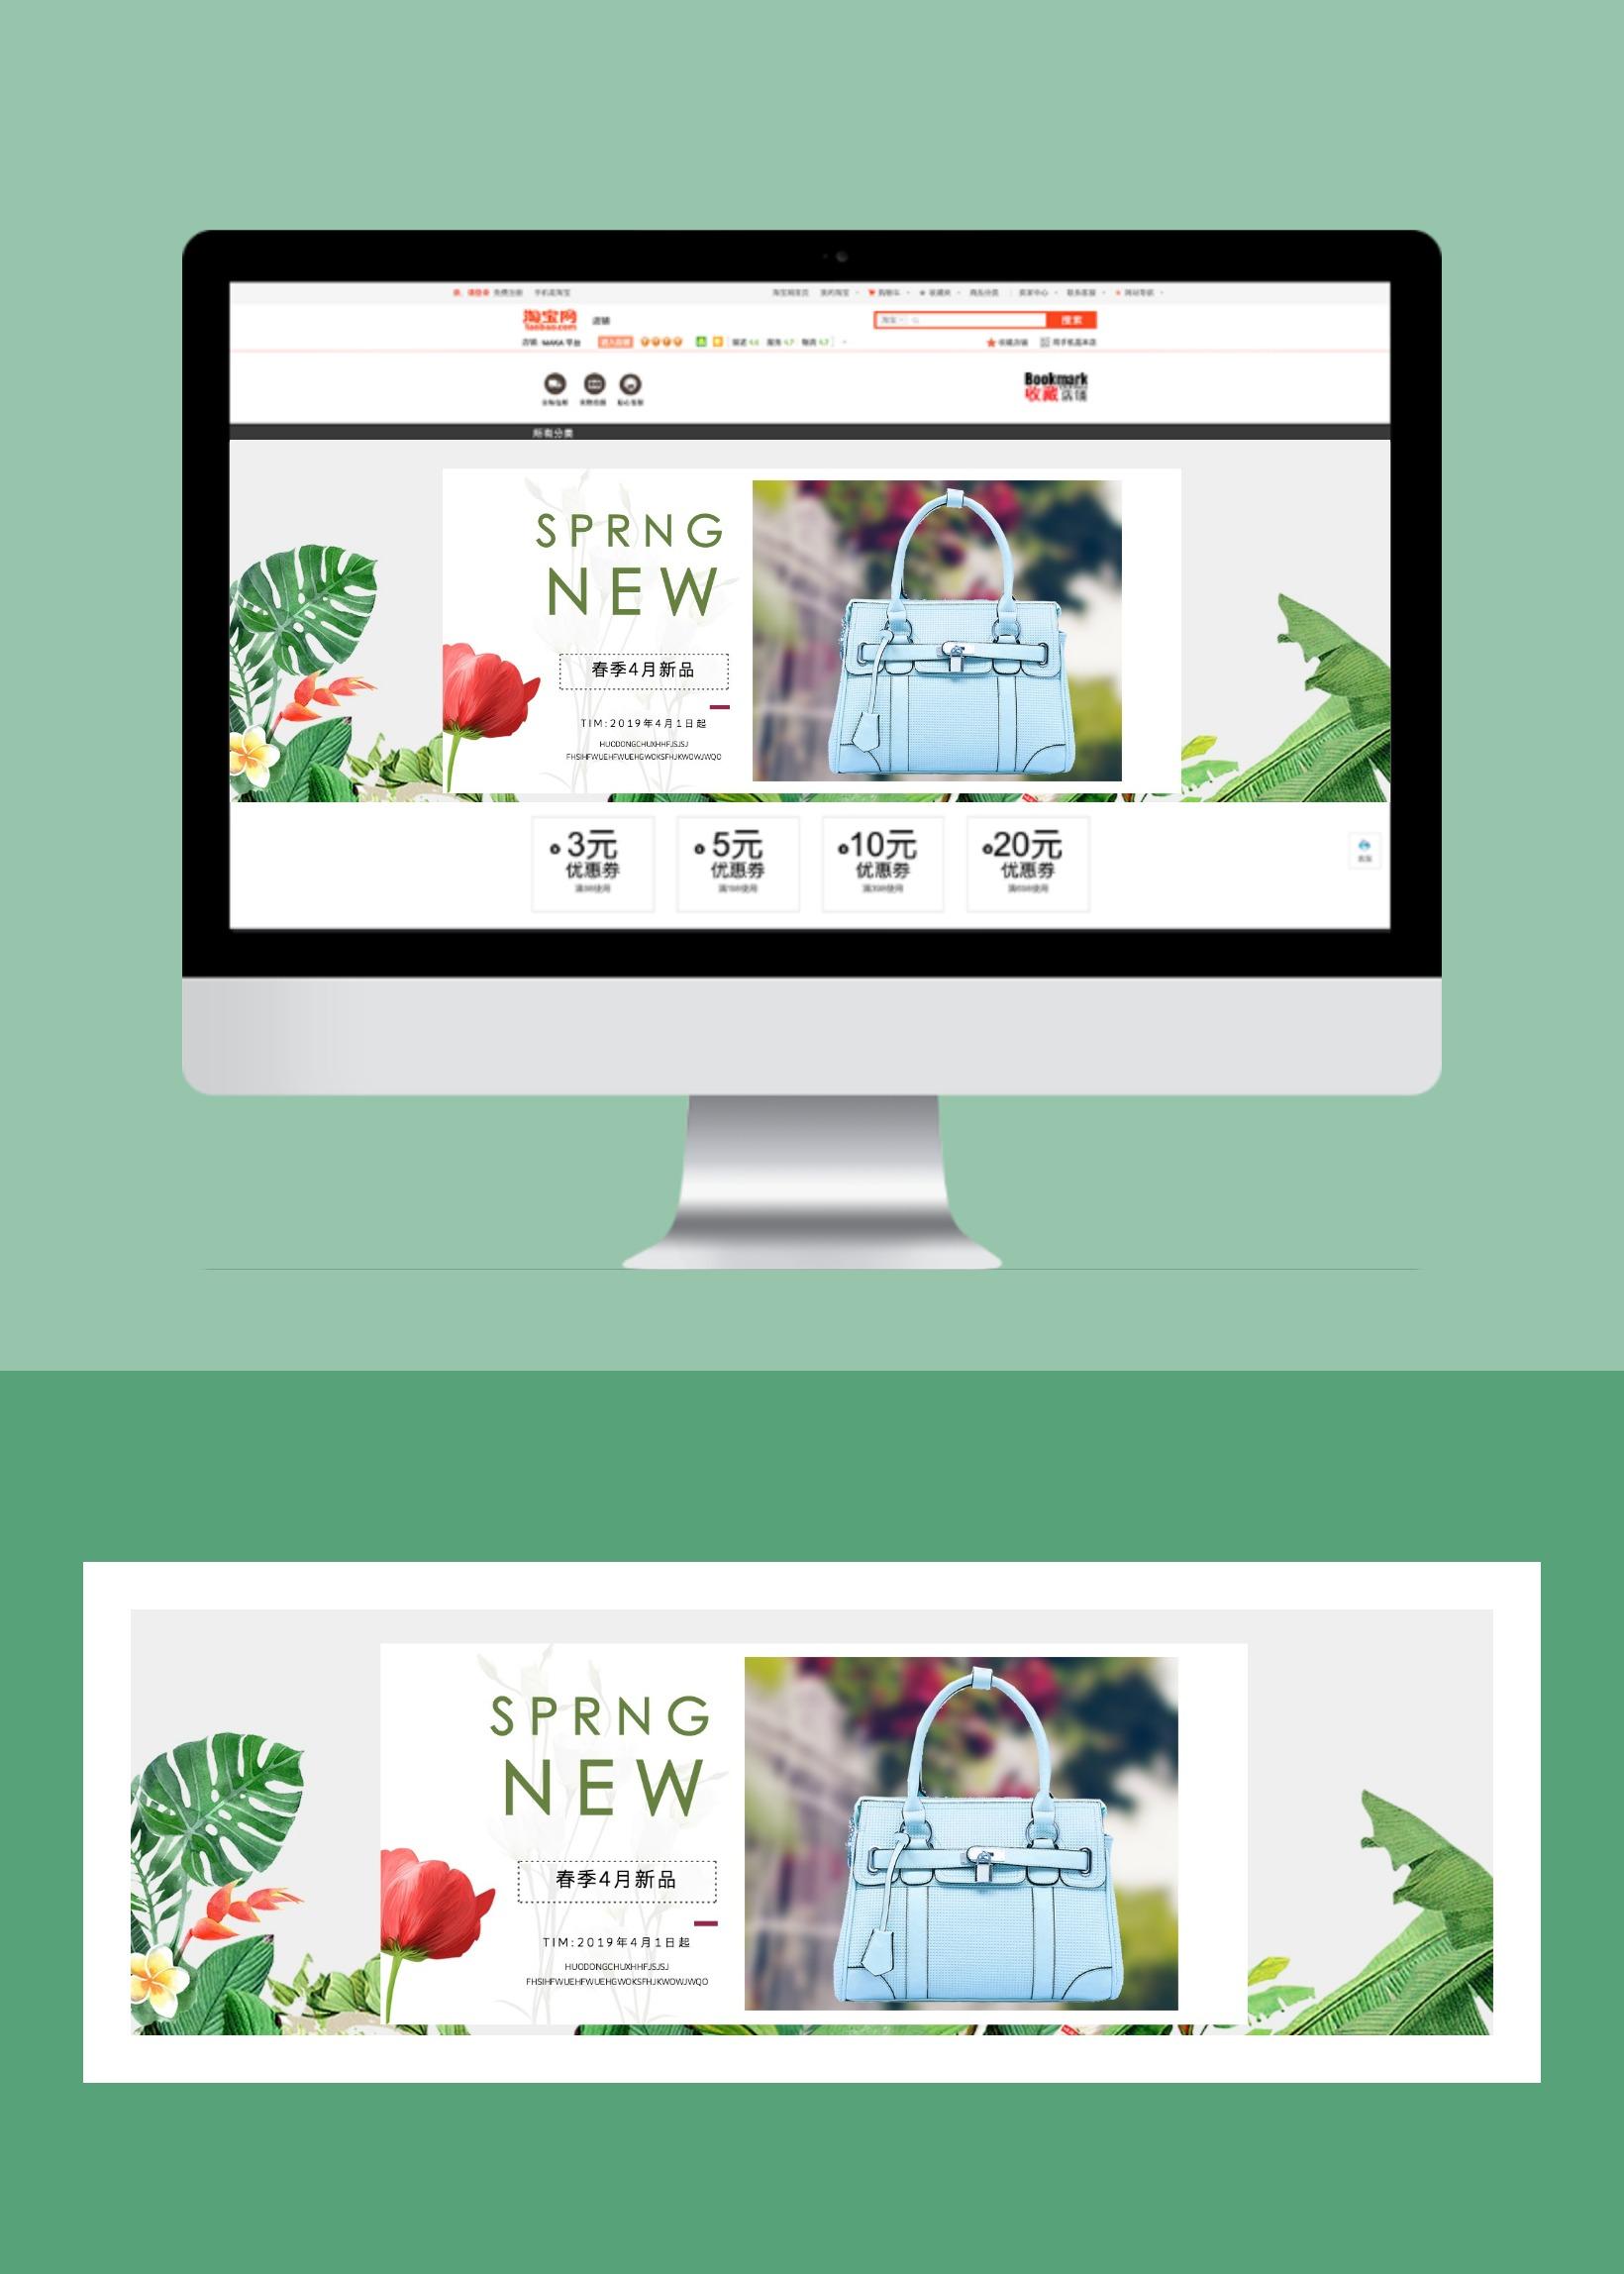 新春清新文艺女装箱包电商产品促销宣传banner